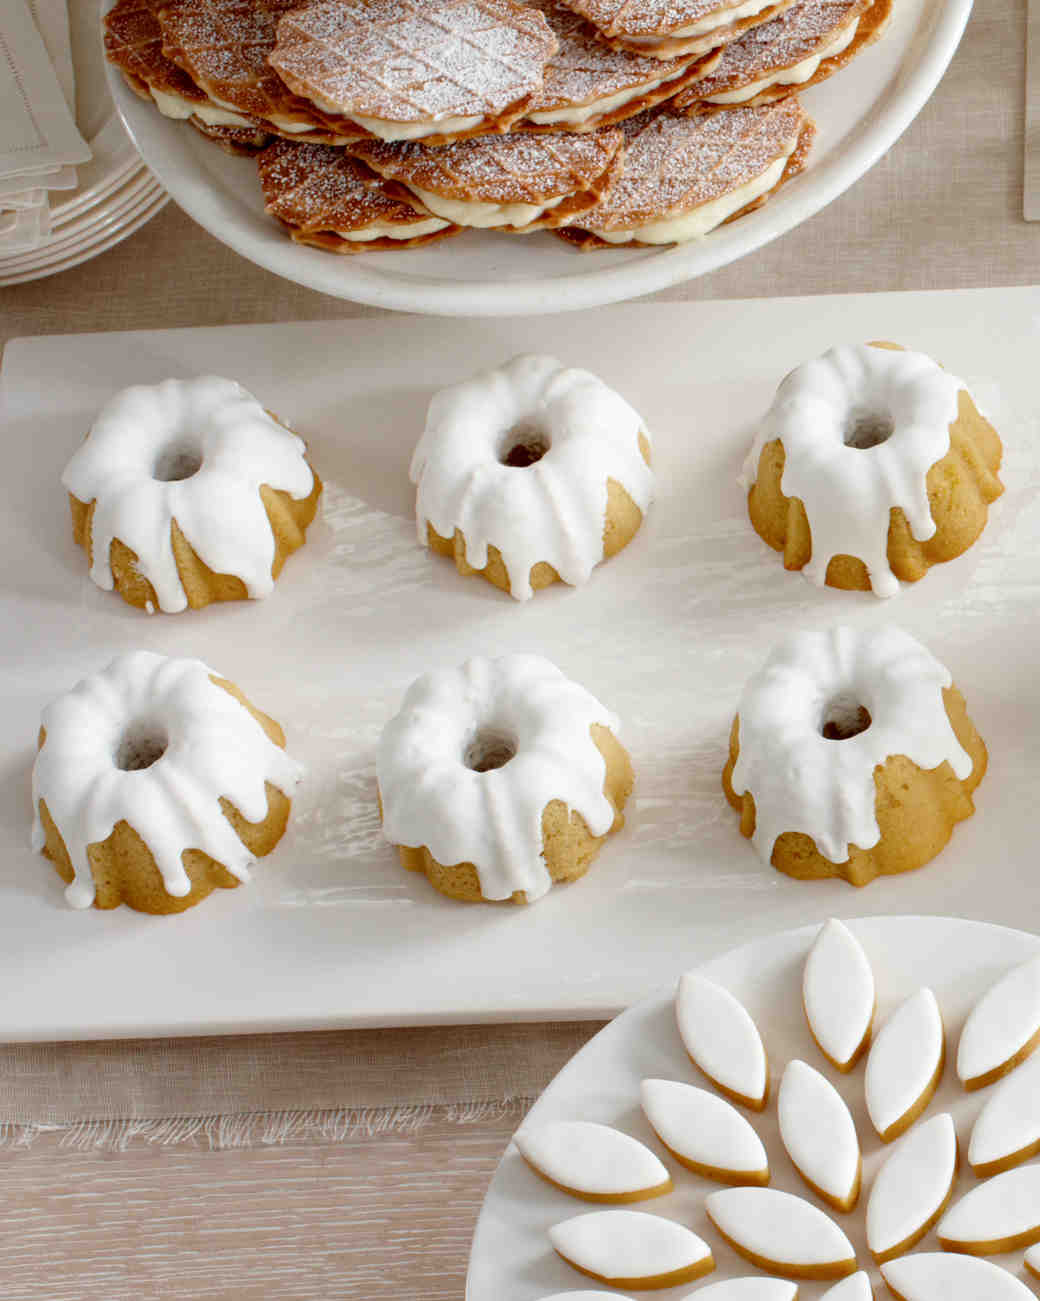 boozy-desserts-rum-bundt-wd106494-0814.jpg